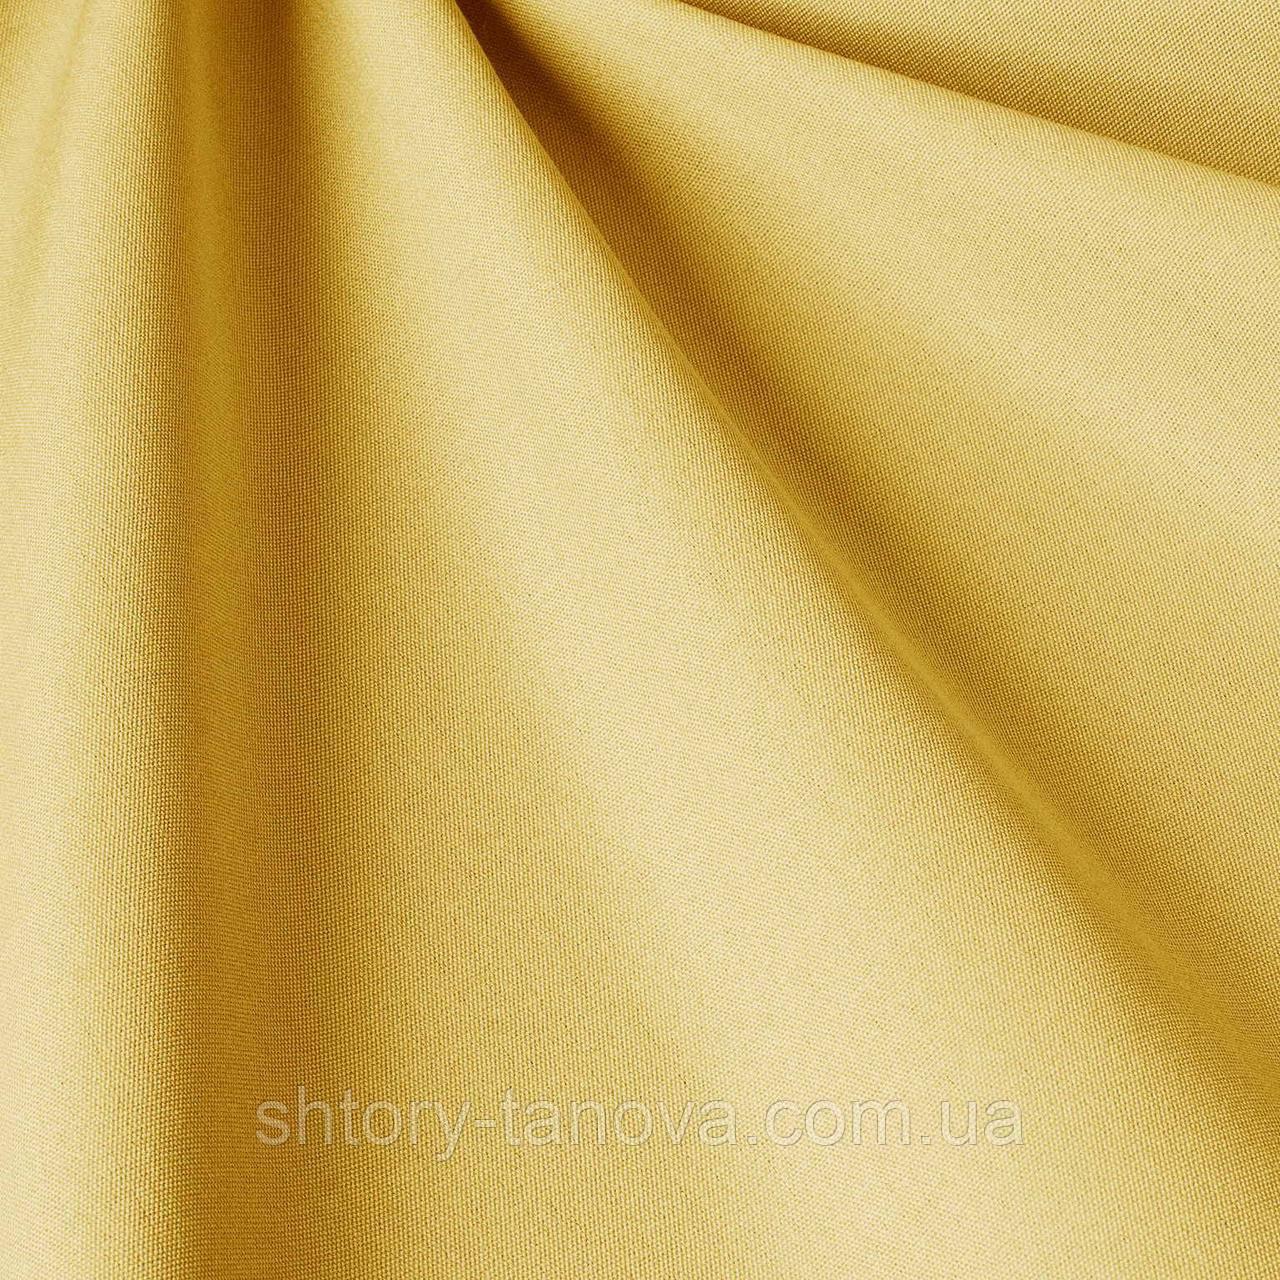 Однотонна тканина для вулиці світло-жовтого кольору